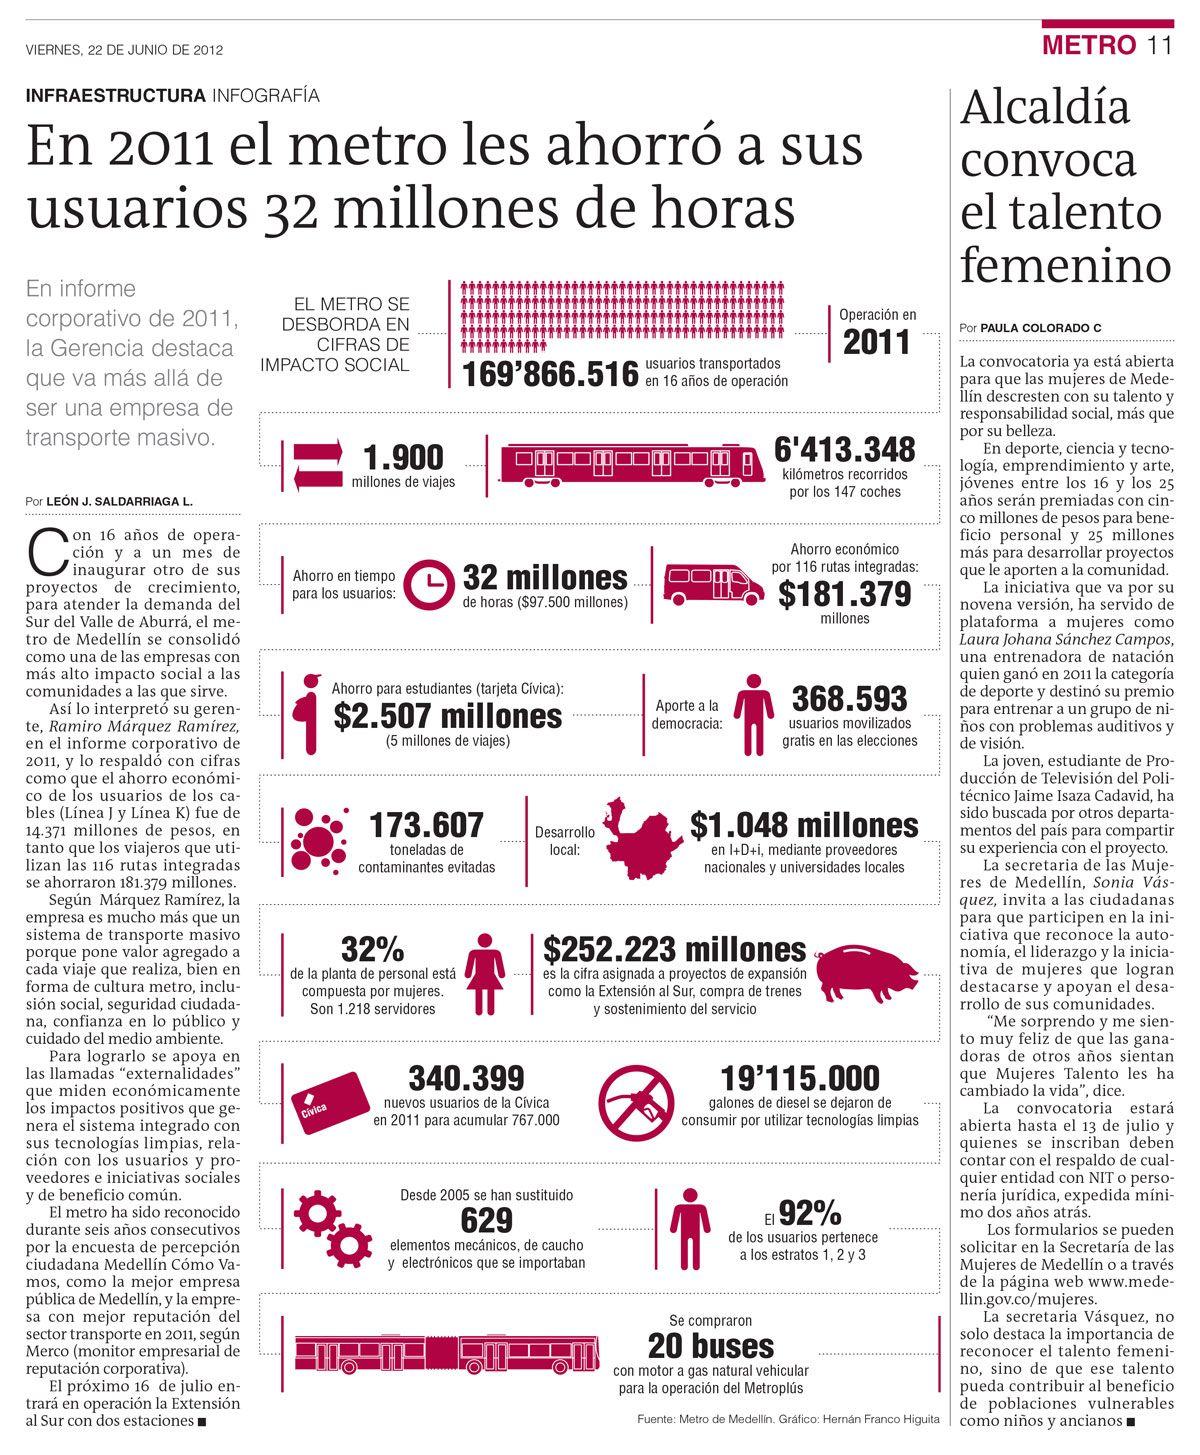 【  EN 2011 EL METRO LES AHORRÓ A SUS USUARIOS 32 MILLONES DE HORAS  】  Metro de Medellín / Publicado en el periódico El Colombiano.